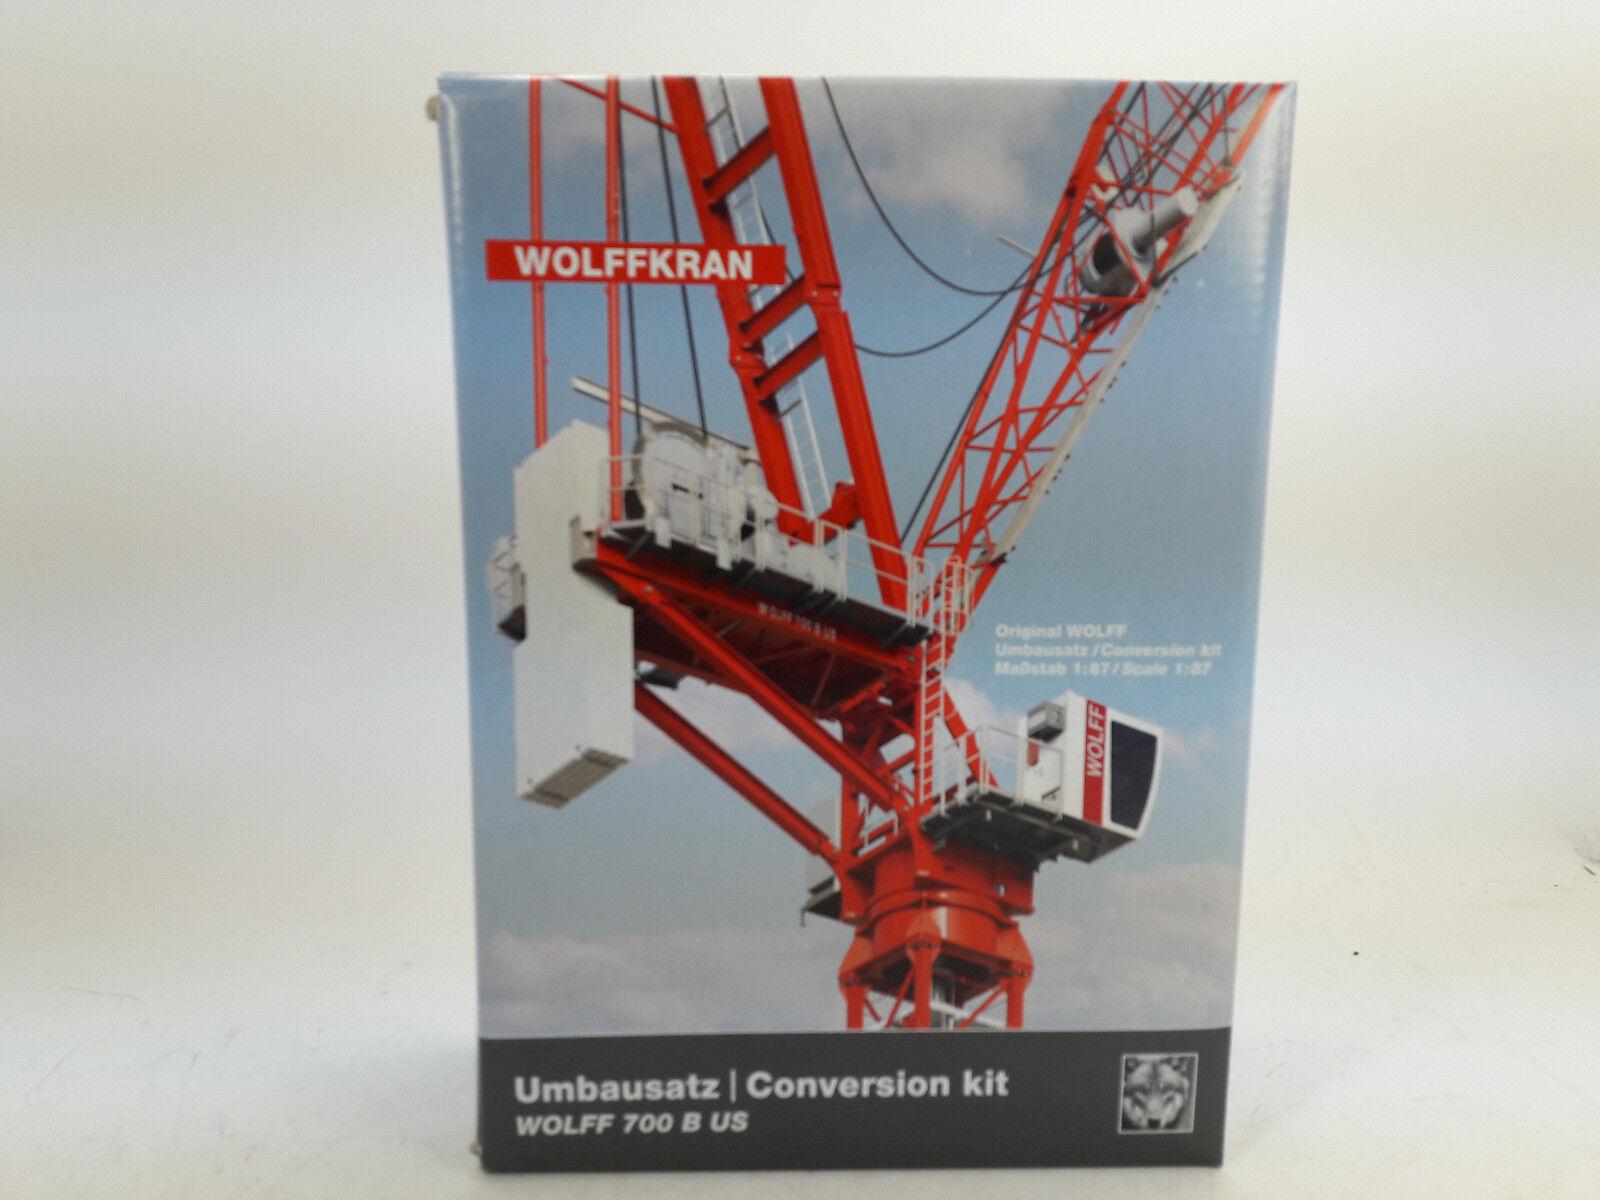 Conrad 98031 Set Complemento para Wolffkran 700B Fly Horca 1 87 Nuevo en Emb.